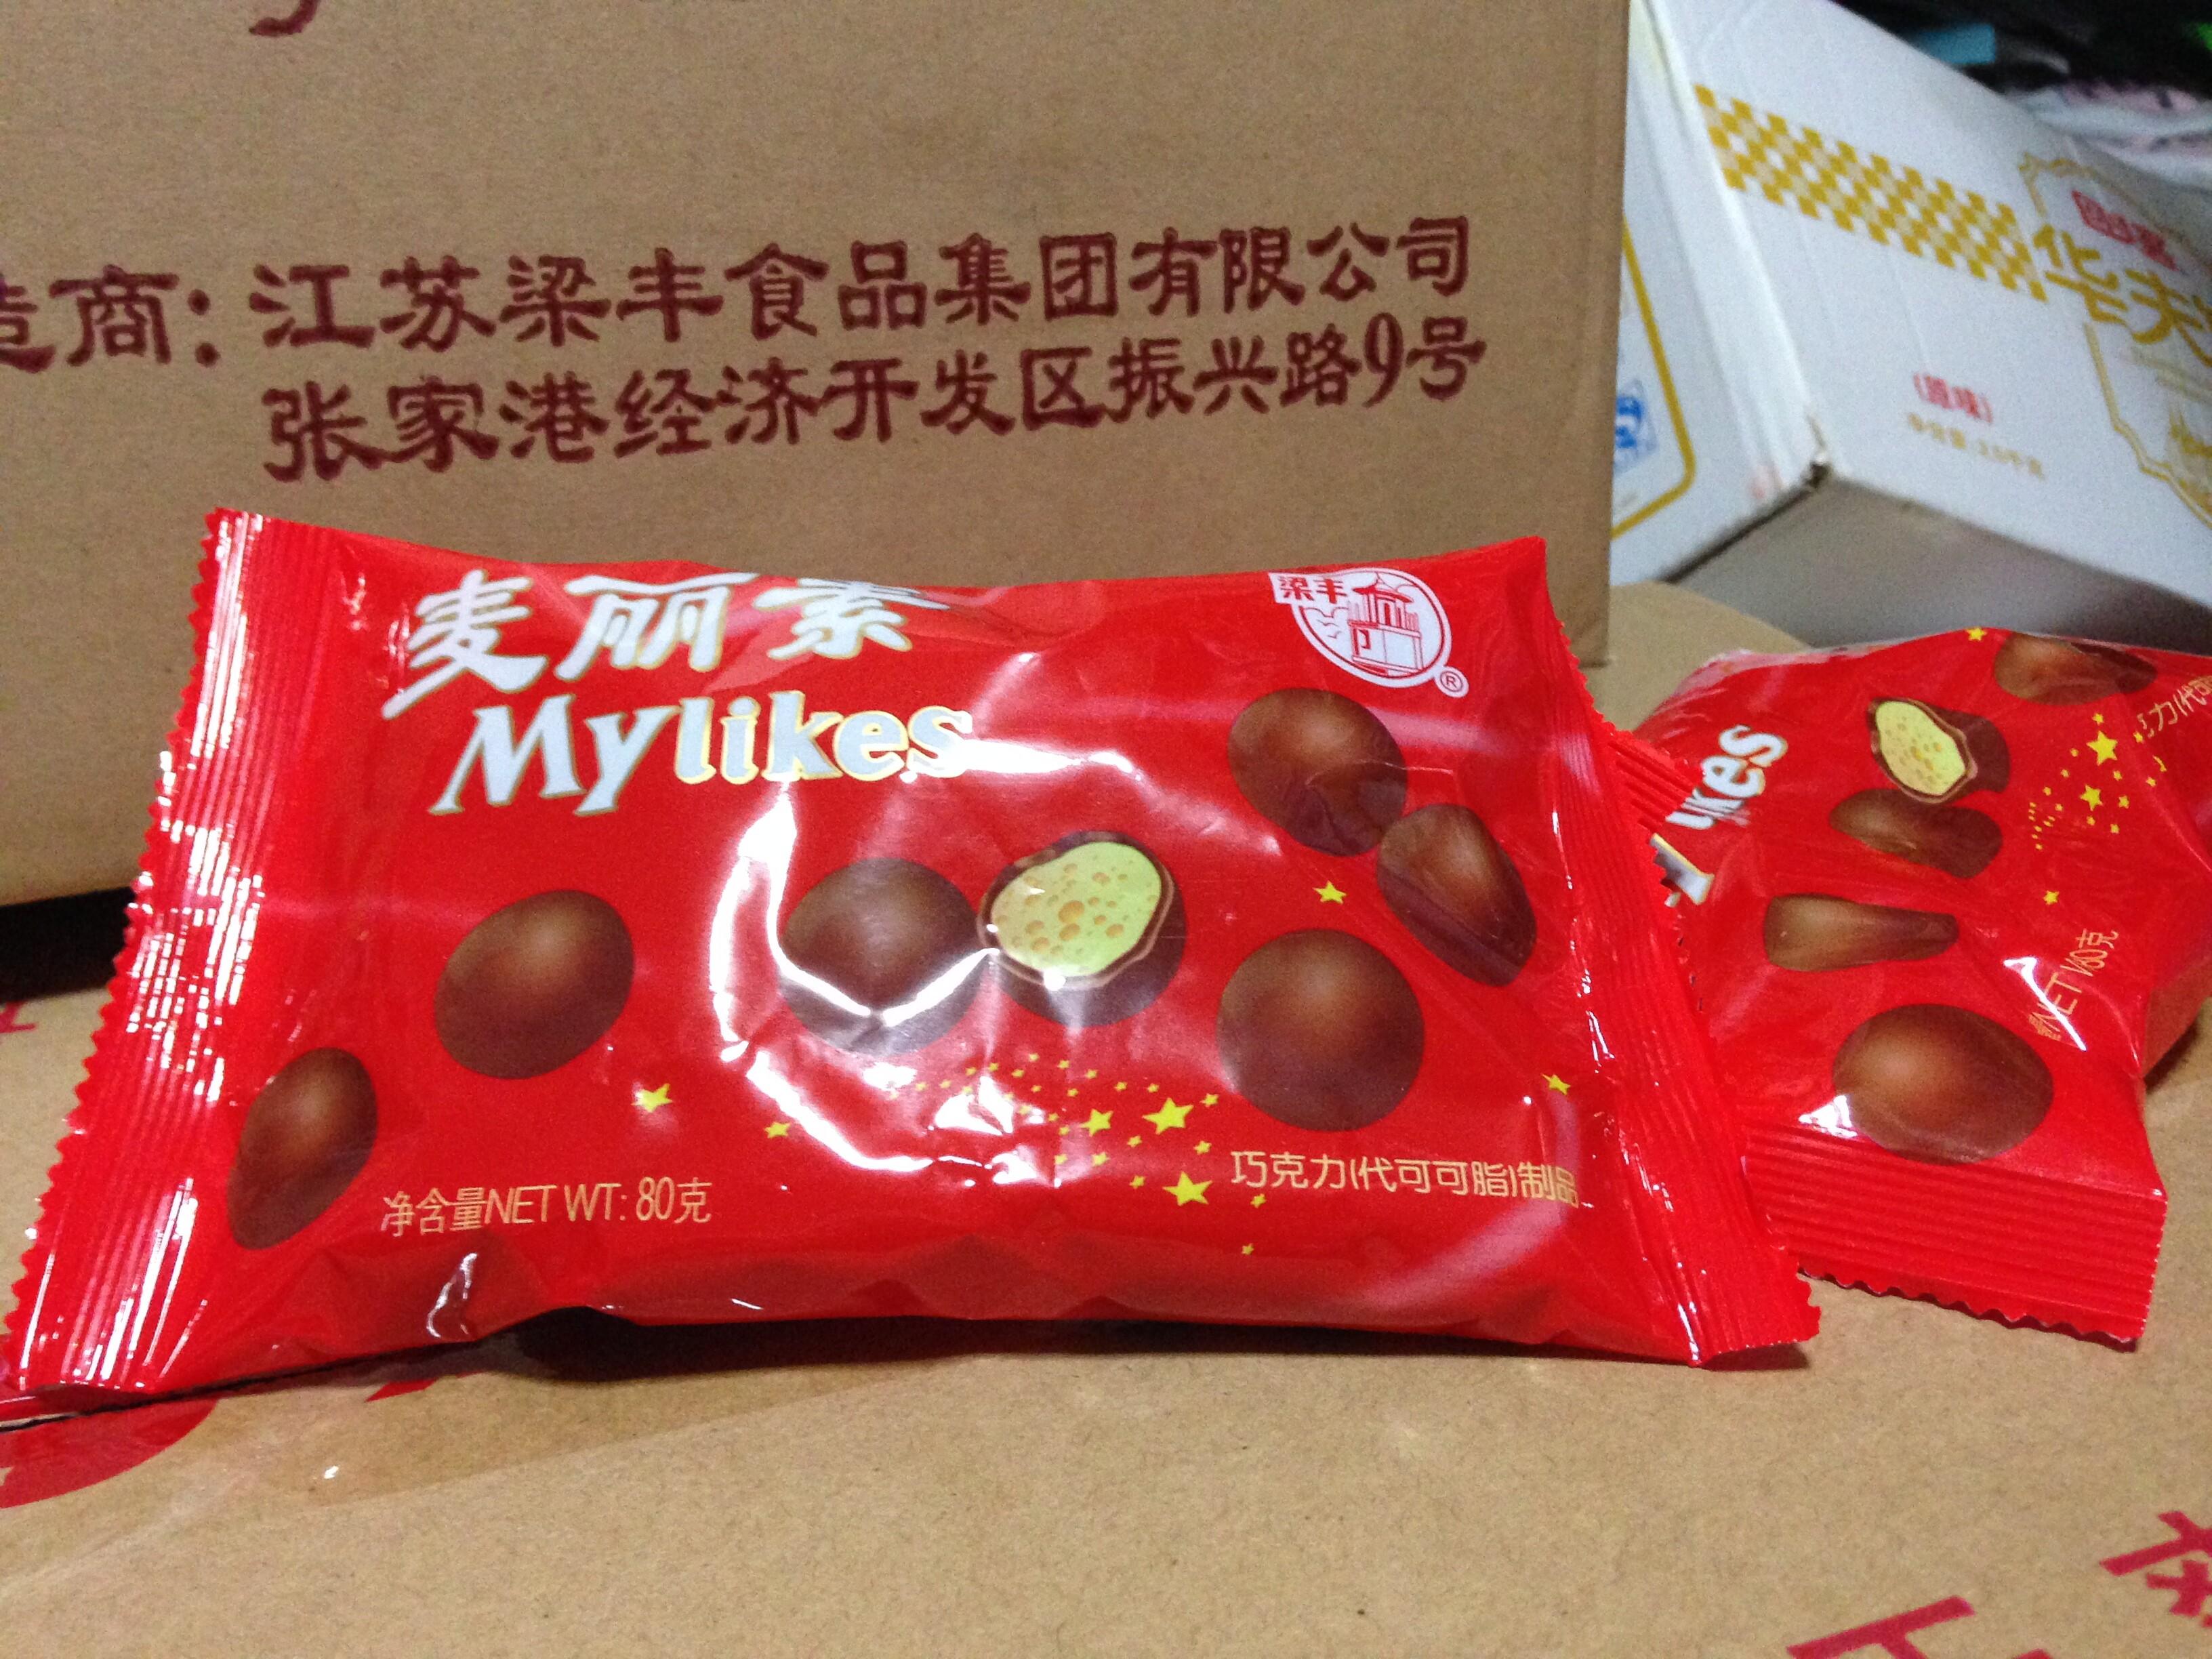 梁丰麦丽素巧克力抖音同款网红零食80g年货帖散装(代可可脂)